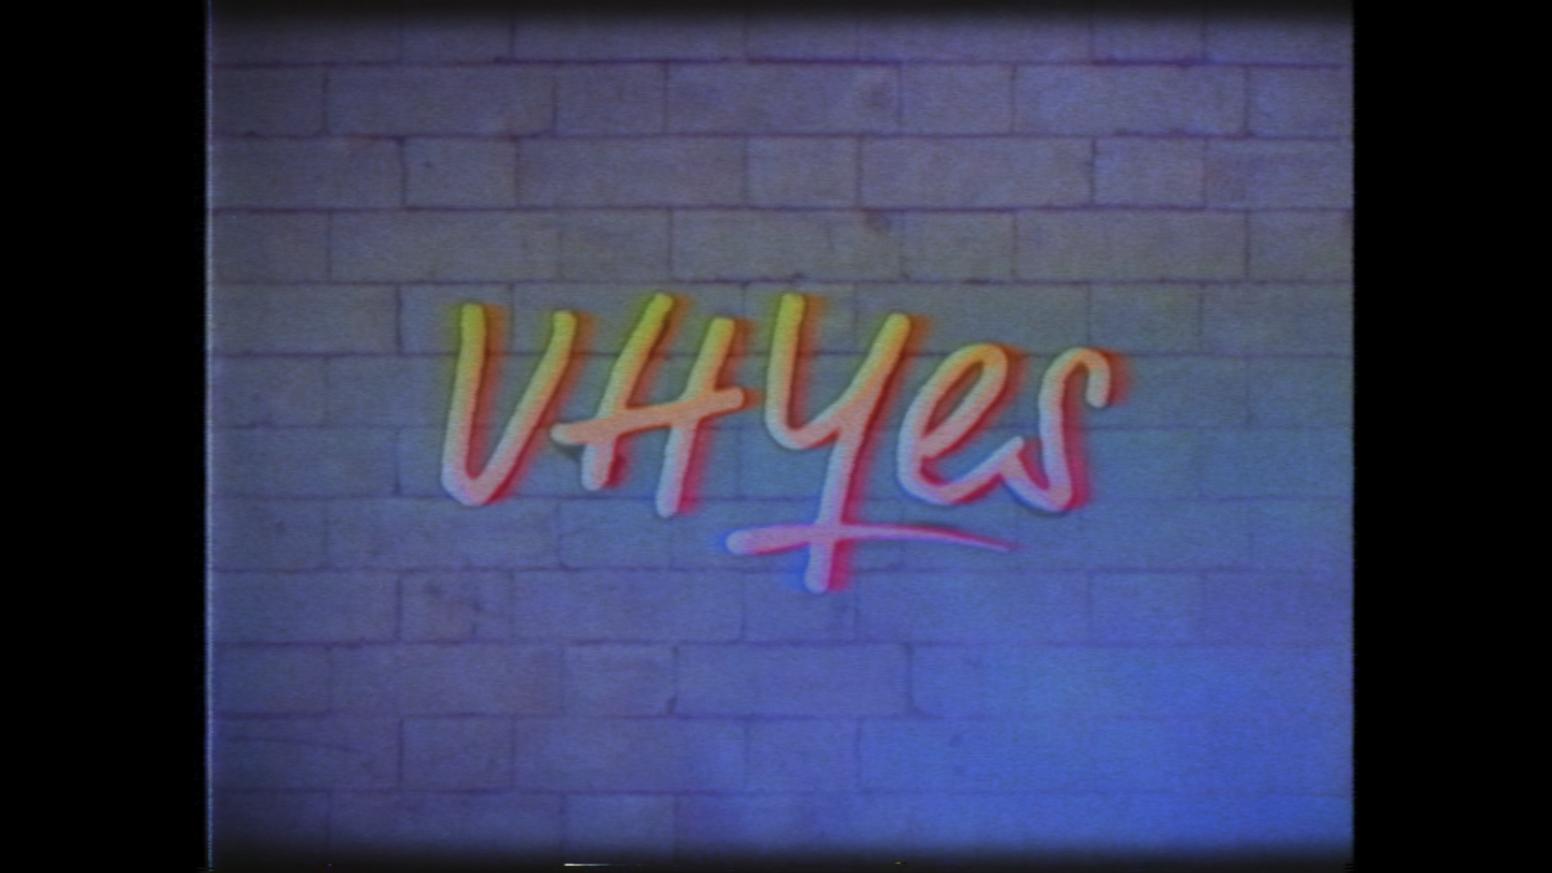 Vhyes Watch Stream Torrent Online Free English Subtitle Unefagpf7